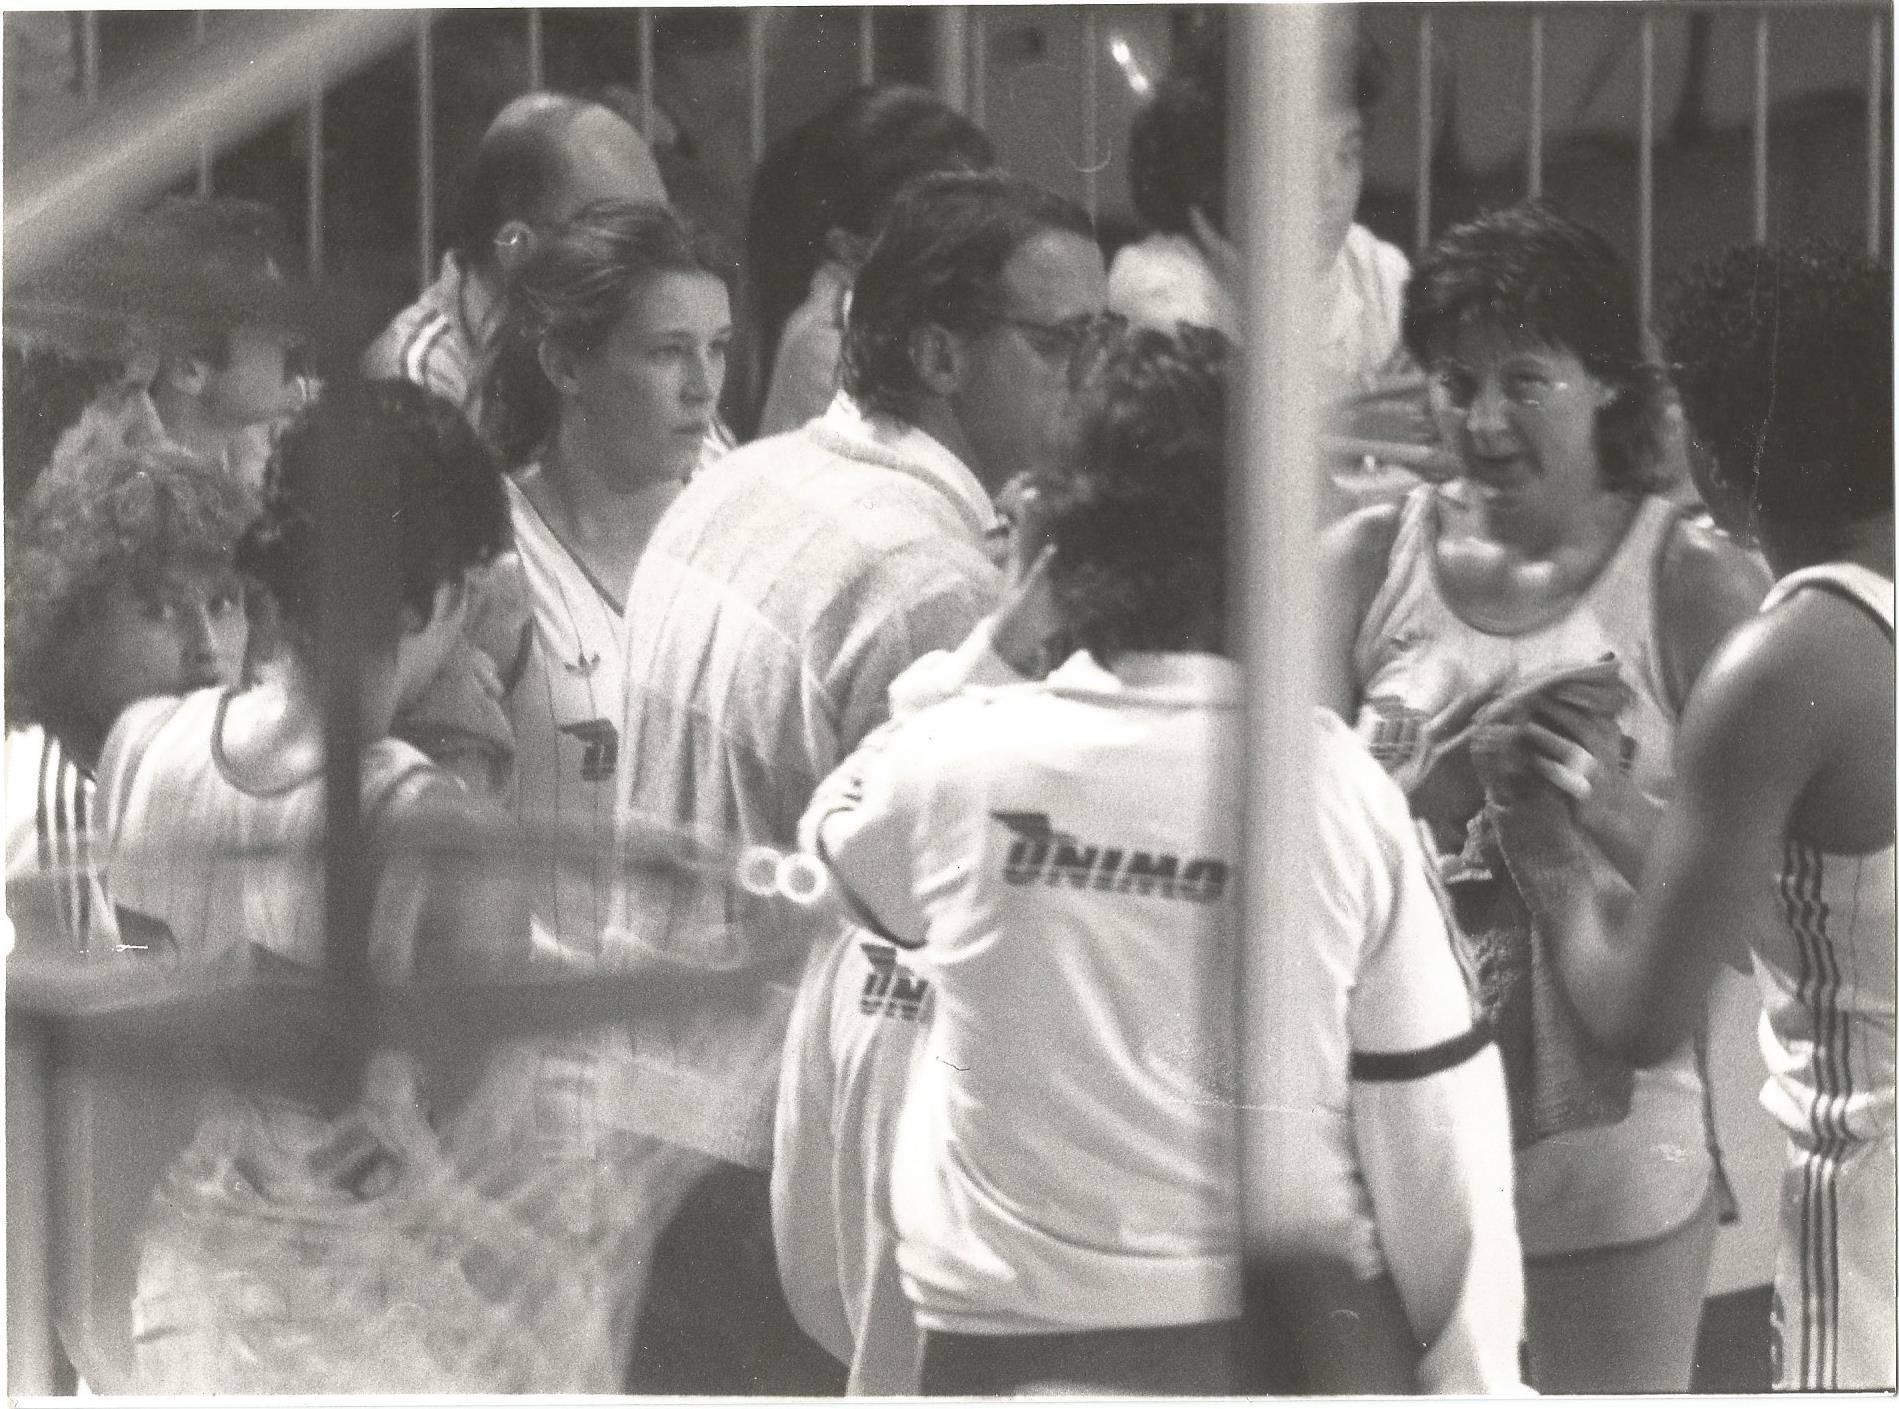 Giovedì sera Cesena-RenAuto. Per coach Paolo Rossi partita da amarcord